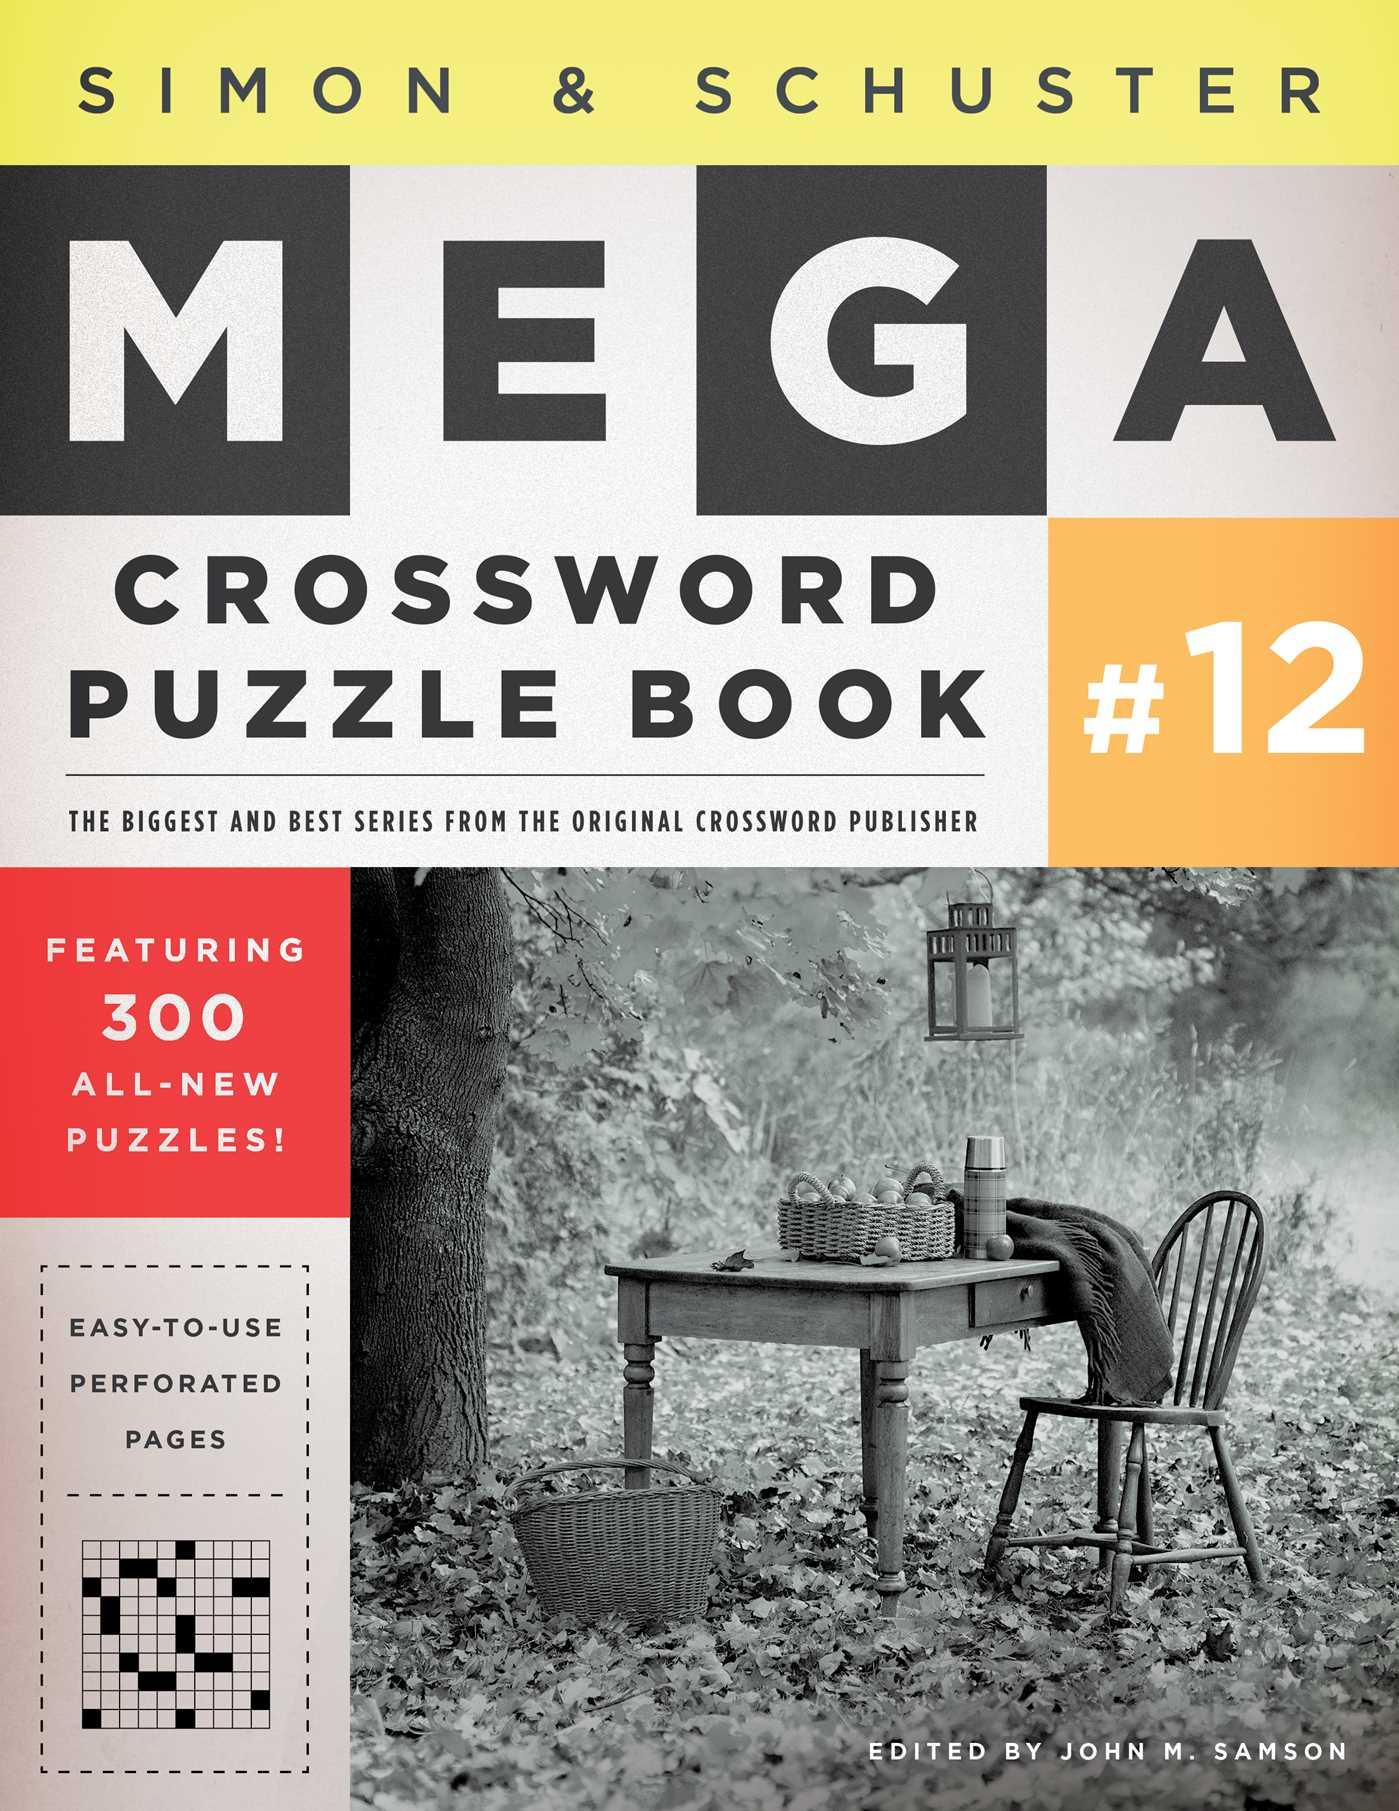 Simon schuster mega crossword puzzle book 12 9781451627404 hr